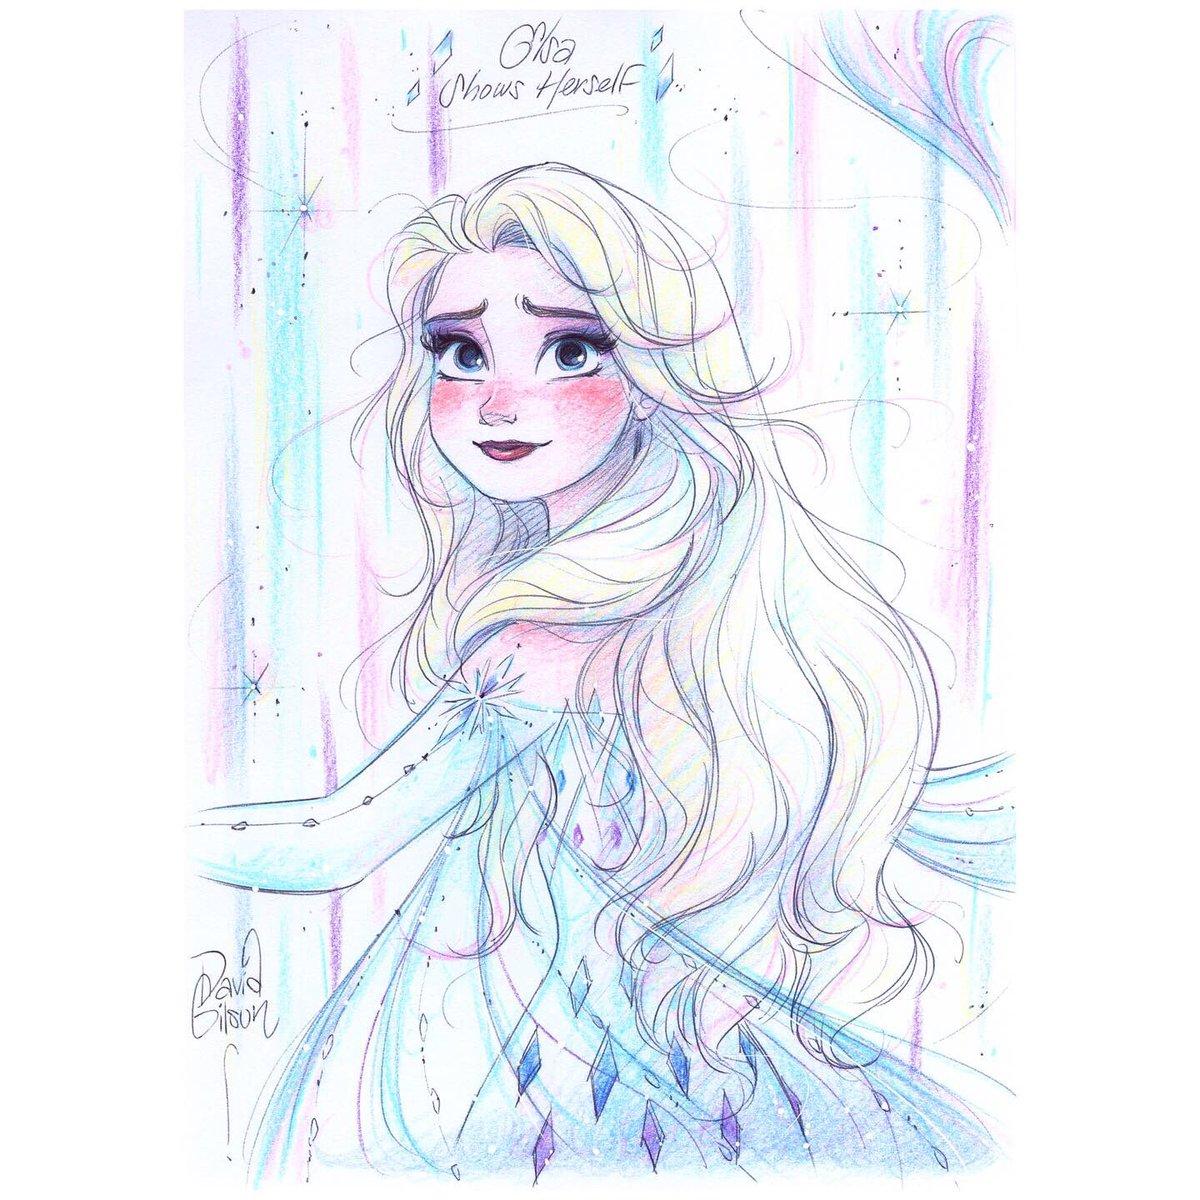 David Gilson On Twitter Dessin D Elsa Au Stylo Bille Et Crayons De Couleurs Vs Pouvez Retrouver Un Autre Dessin De Lareinedesneiges2 Sous Mon Trait D Autres Fanarts Disney Ds Mon Artbook